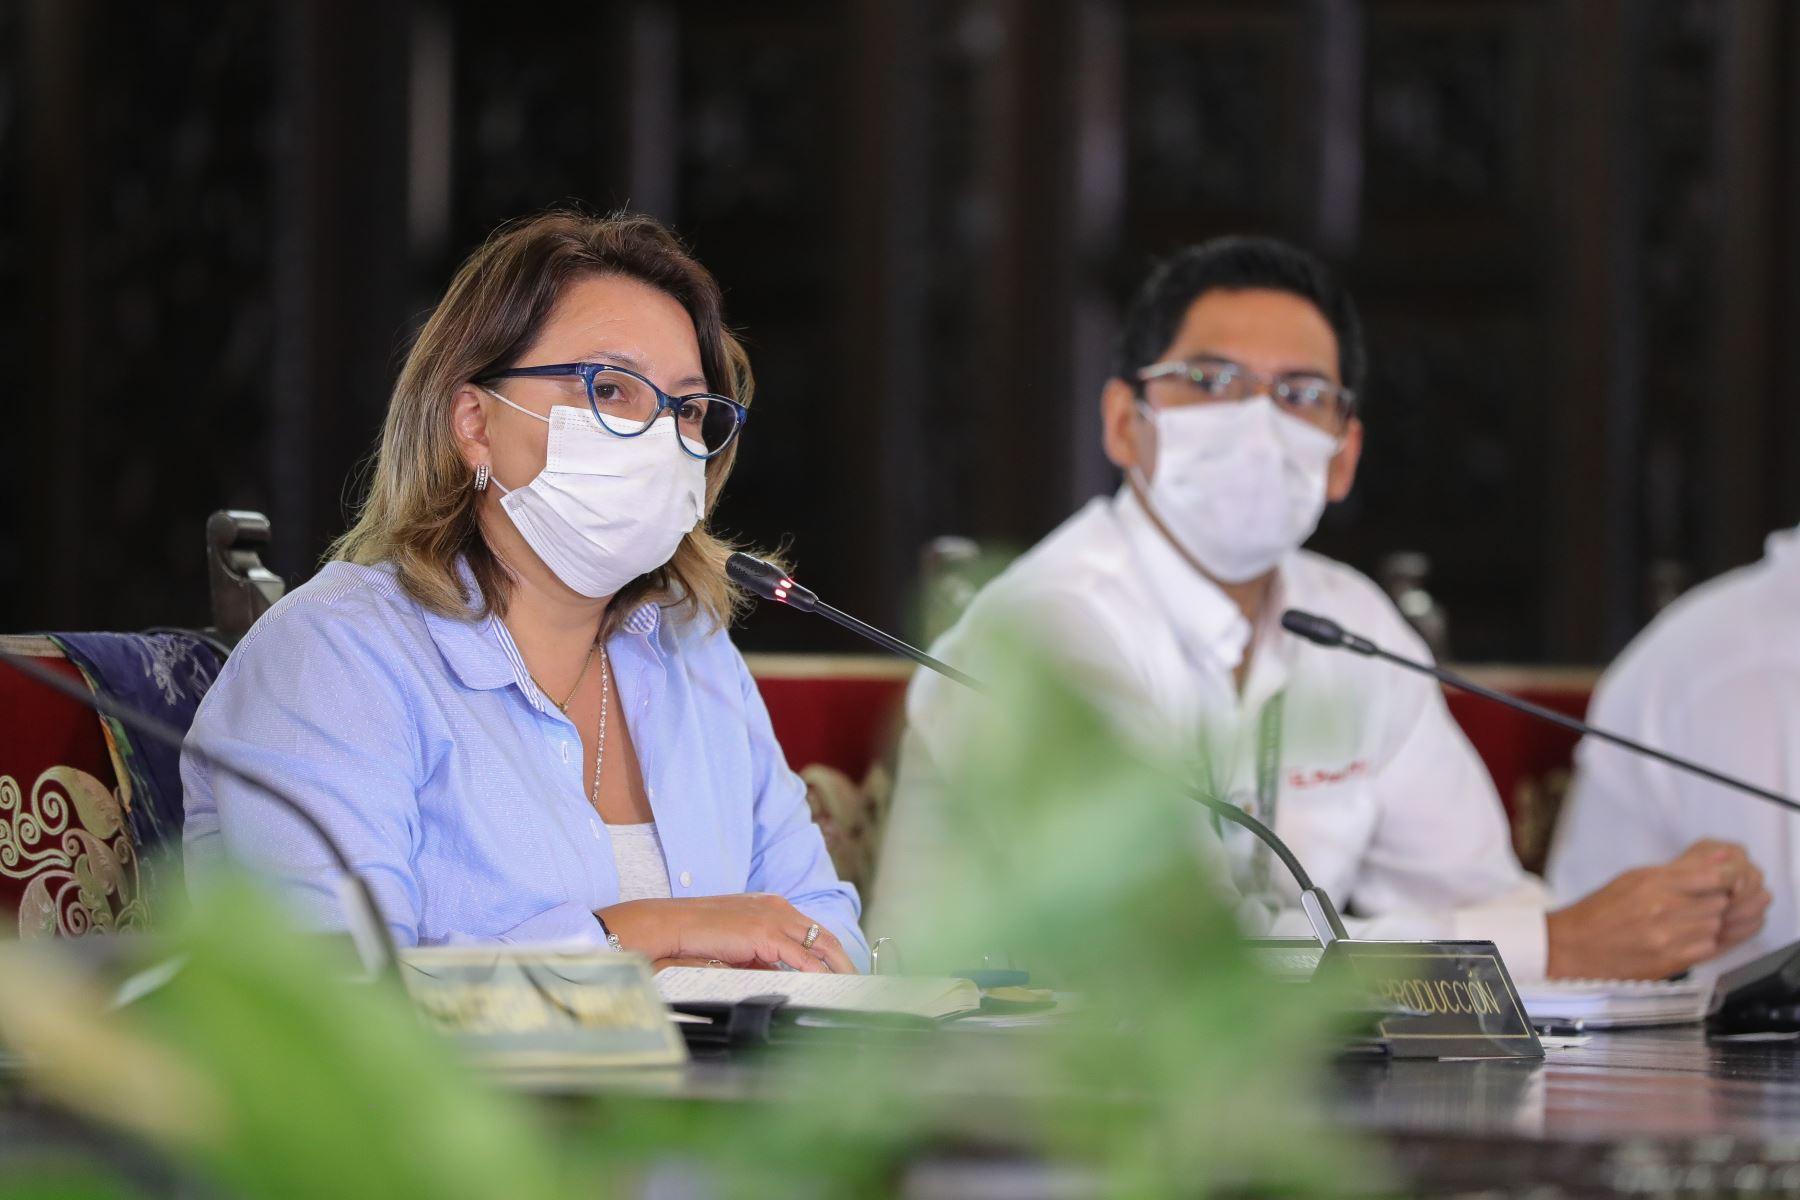 Ministra  de la Producción, Rocío Barrios informa sobre diferentes medidas adoptadas por su sector, en el marco del estado de emergencia nacional por el coronavirus. Foto: ANDINA/ Prensa Presidencia